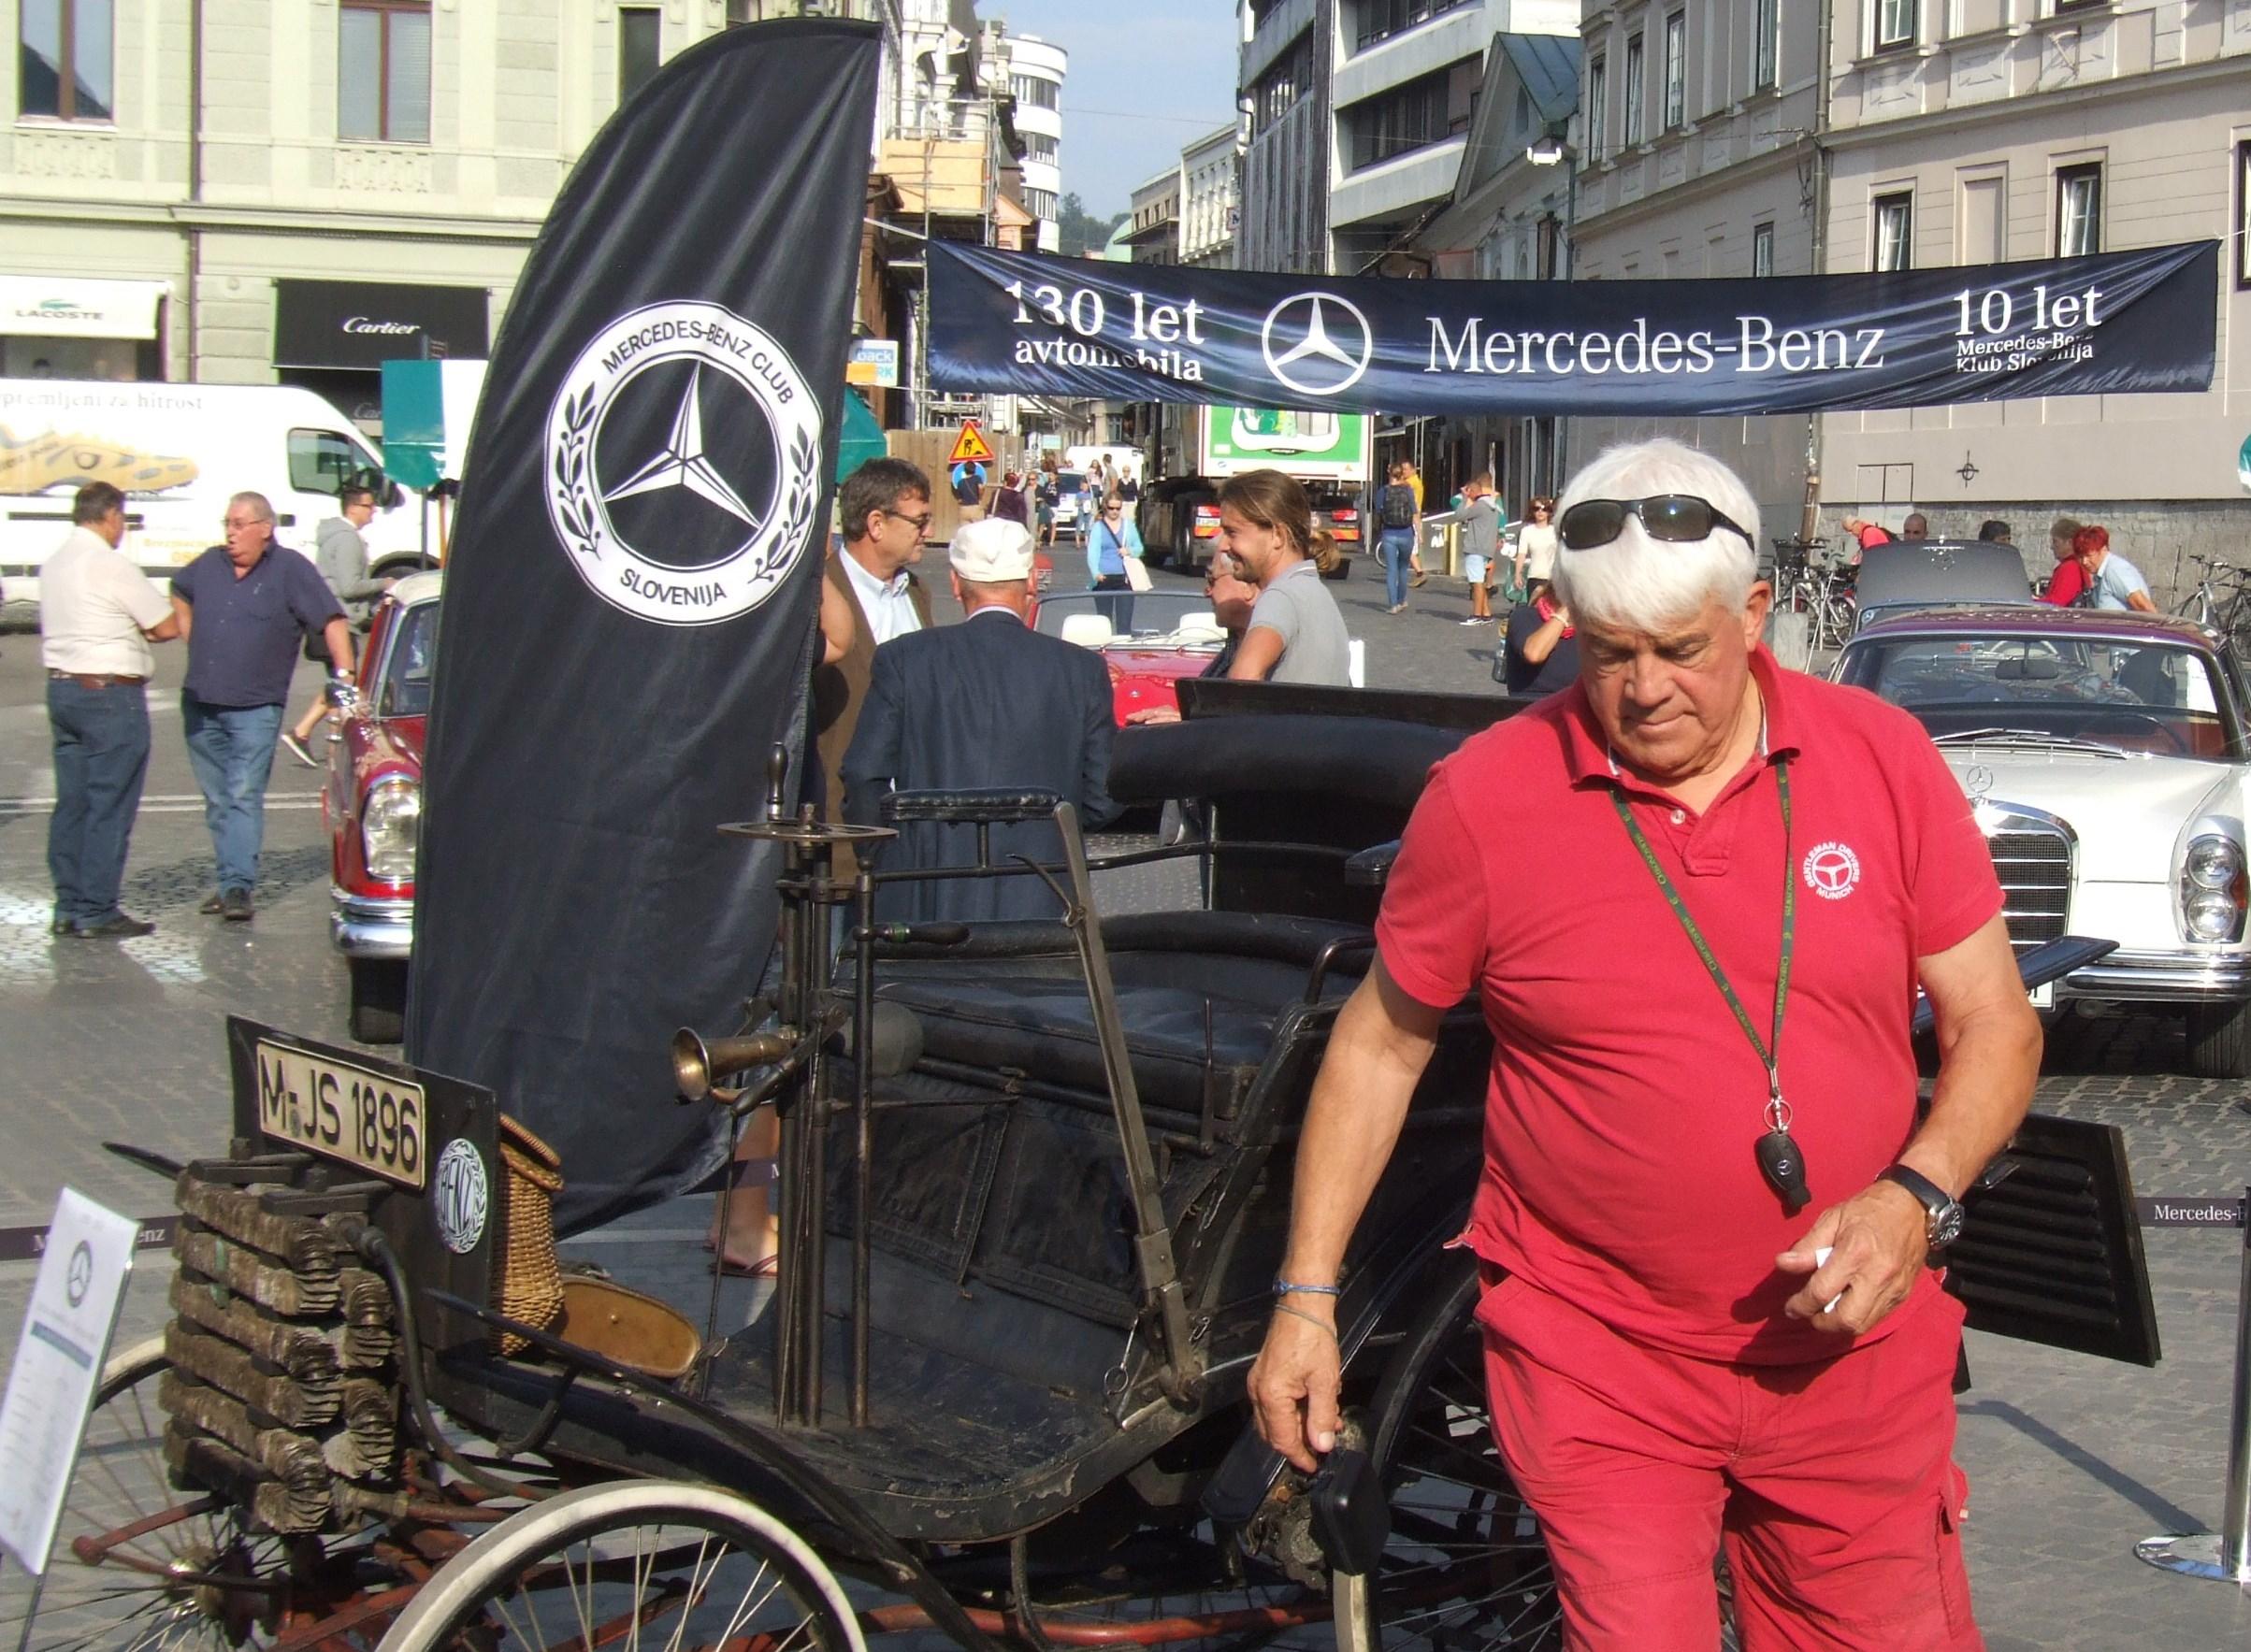 Christoph Schmidt je s svojim Velom postal strokovnjak za Benze